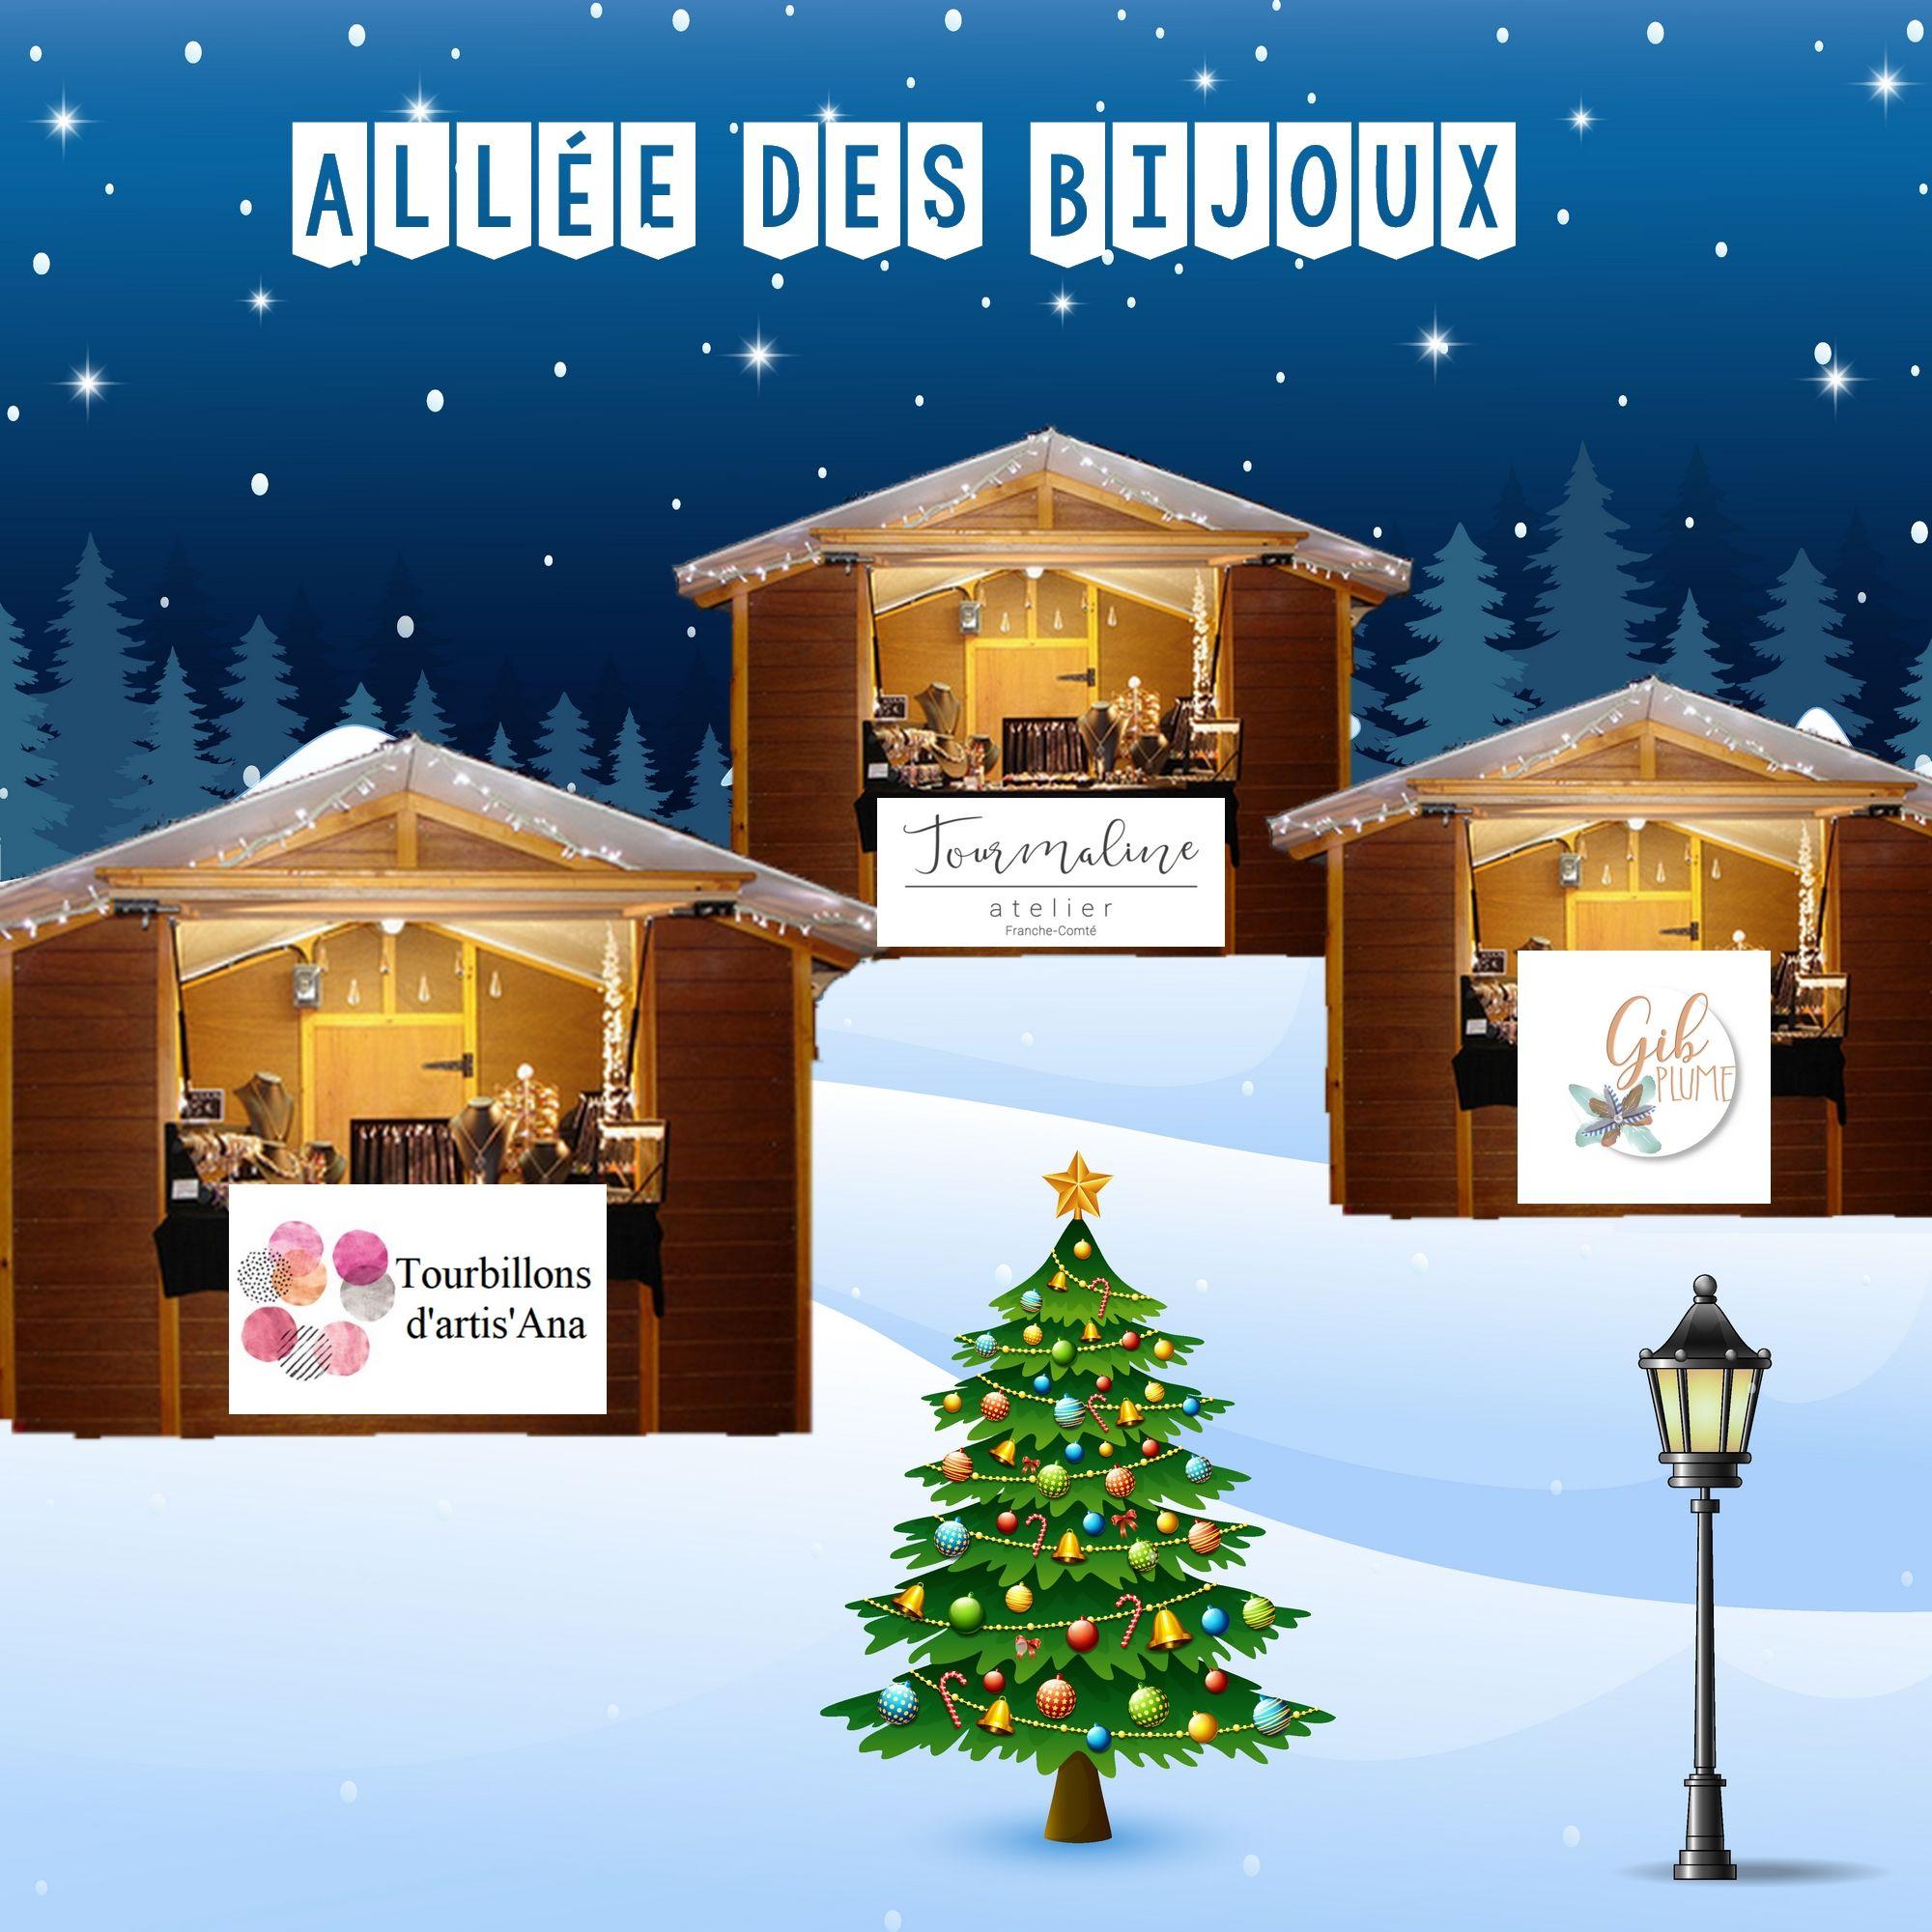 Un marché de Noël 100% artisanal, virtuel, éthique et zéro déchet !